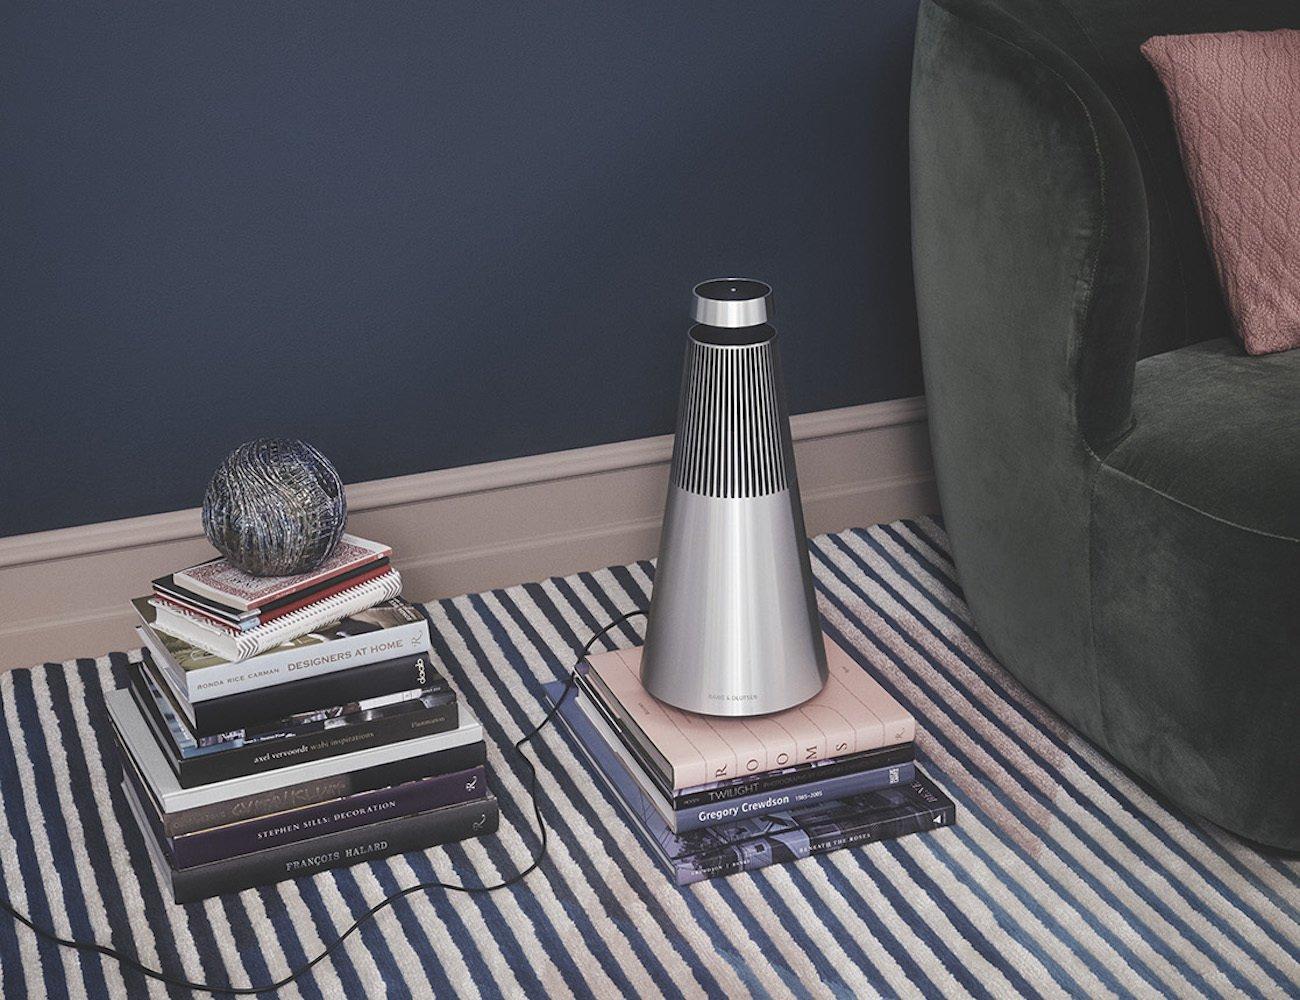 BeoSound 2 Home Wireless Speaker System